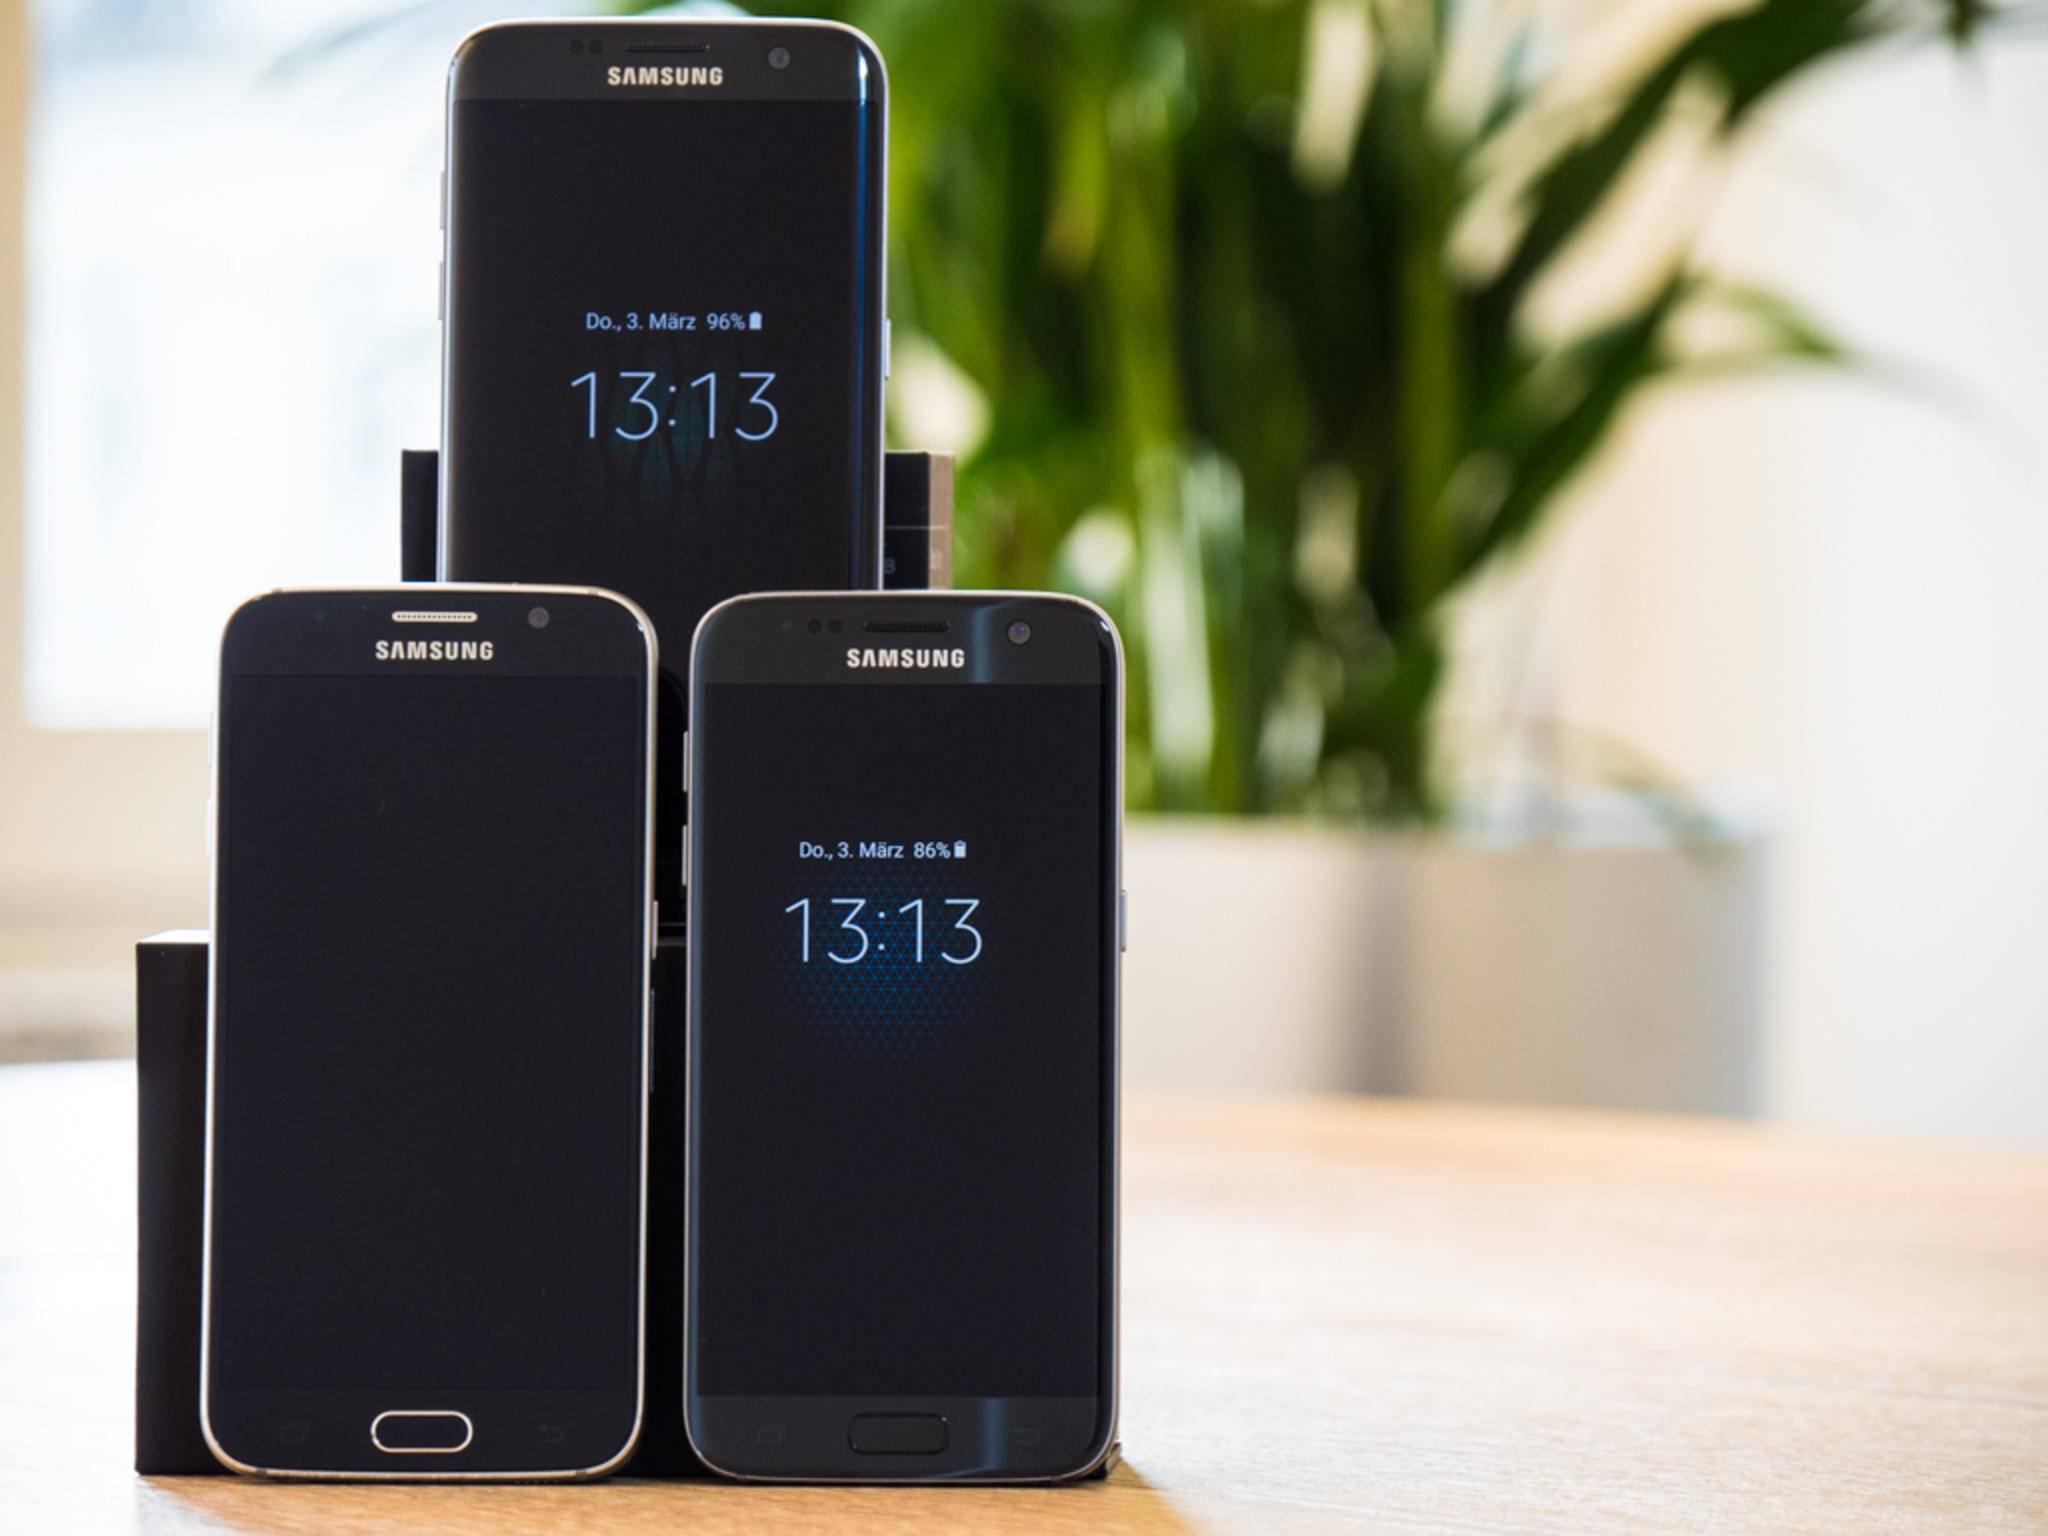 Ein grundlegend neues Design bringt das Galaxy S7 nicht mit.